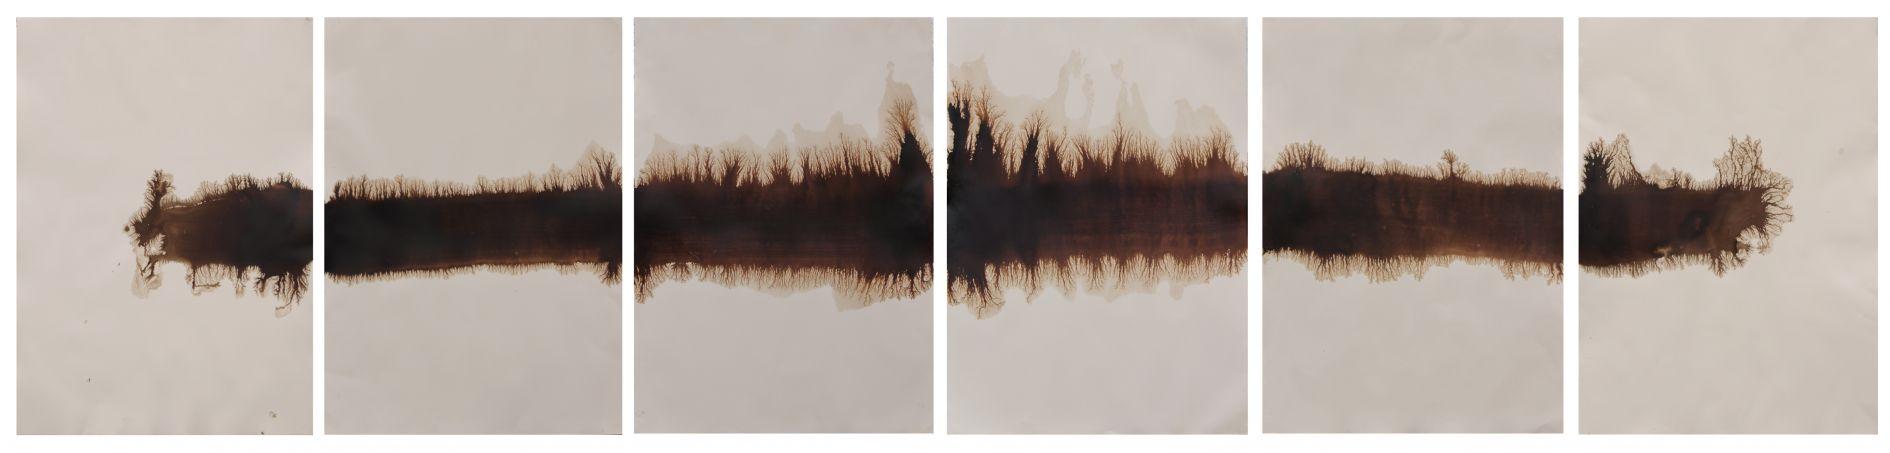 Horizonte I (2013) - Josep Albert